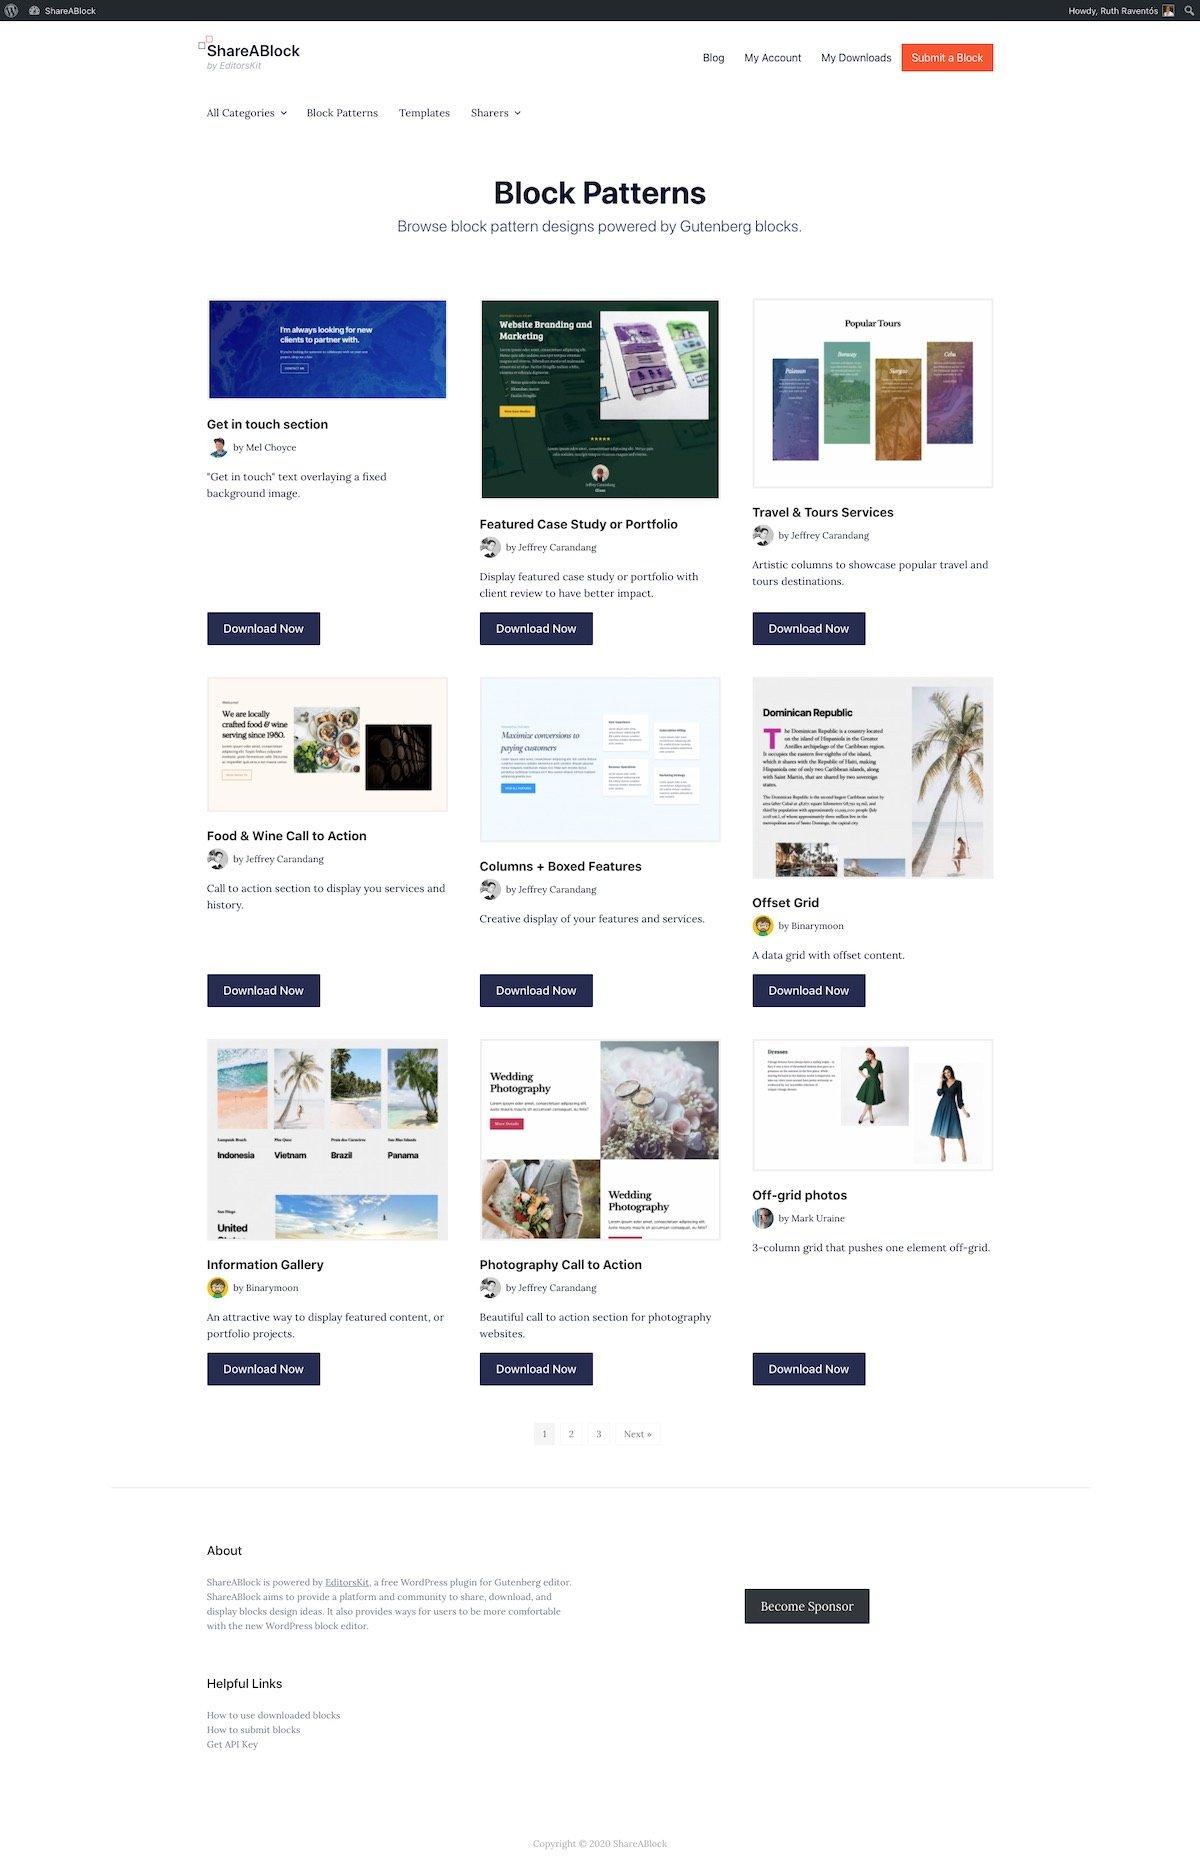 Screenshot of the Shareablock website